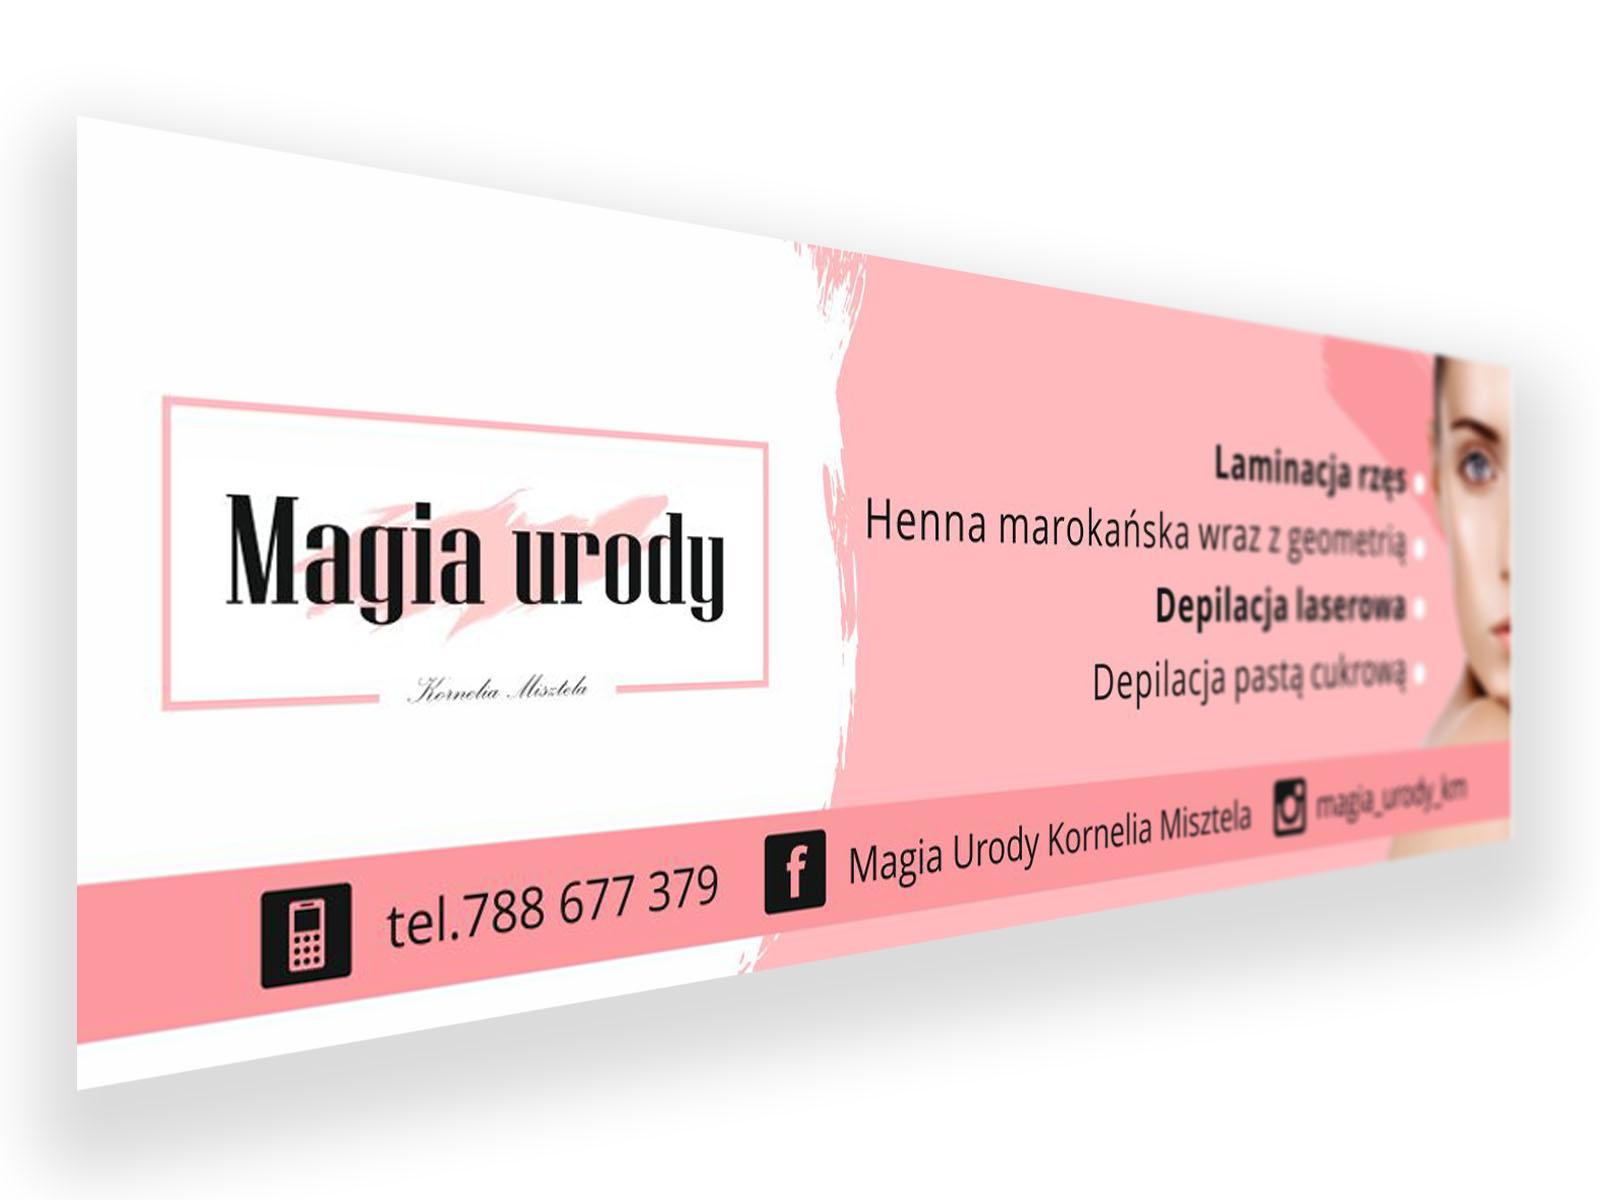 Wykonanie reklamowe dla Magia Urody Kornelia Misztela